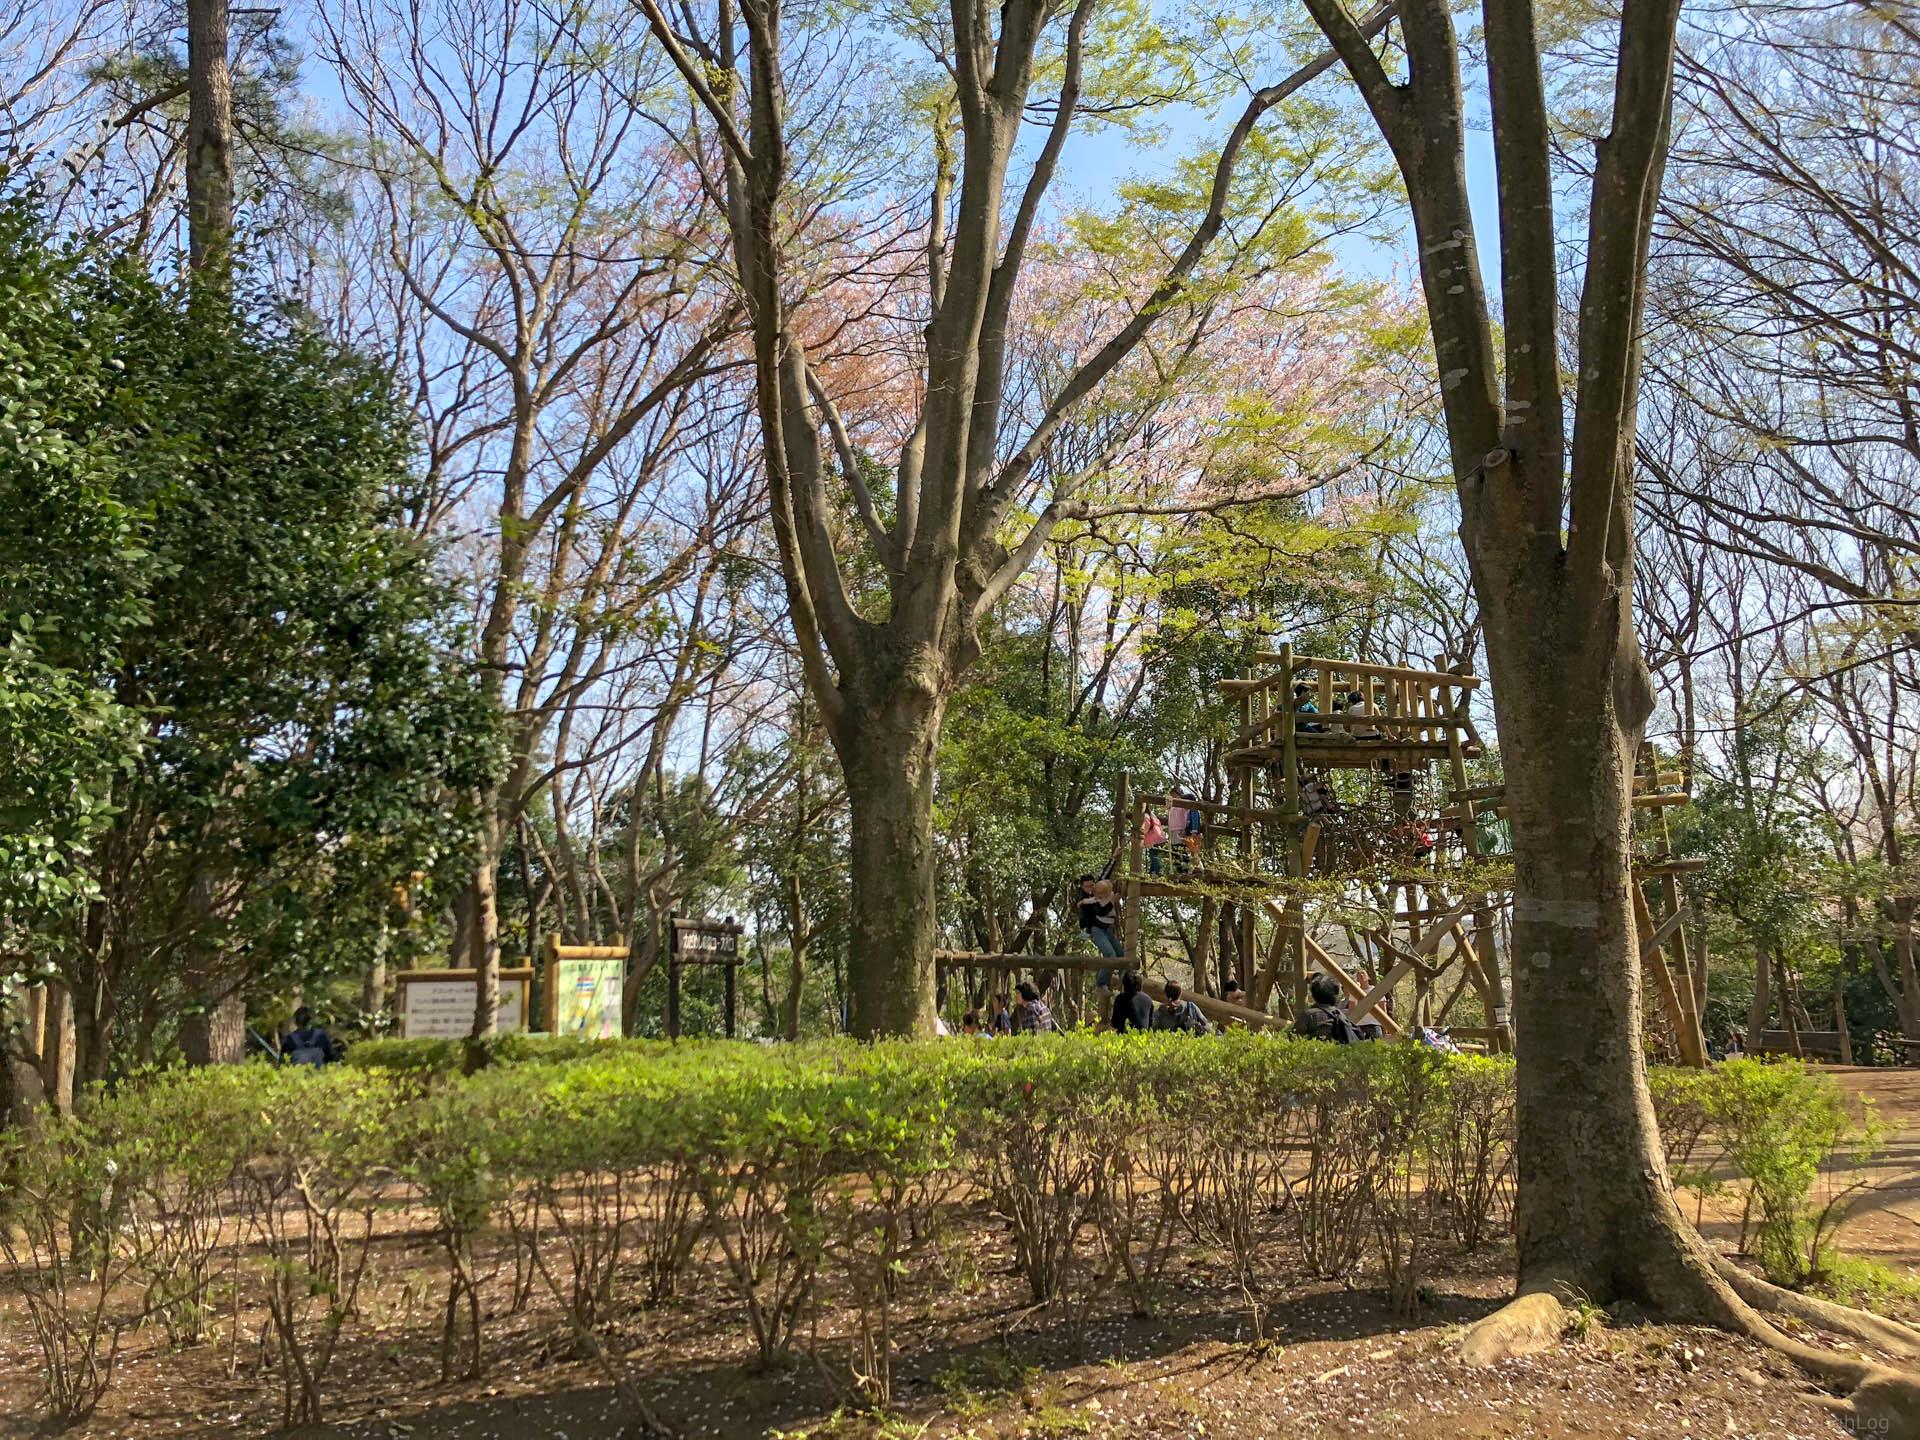 千葉県船橋市の「ふなばしアンデルセン公園」でアスレチック